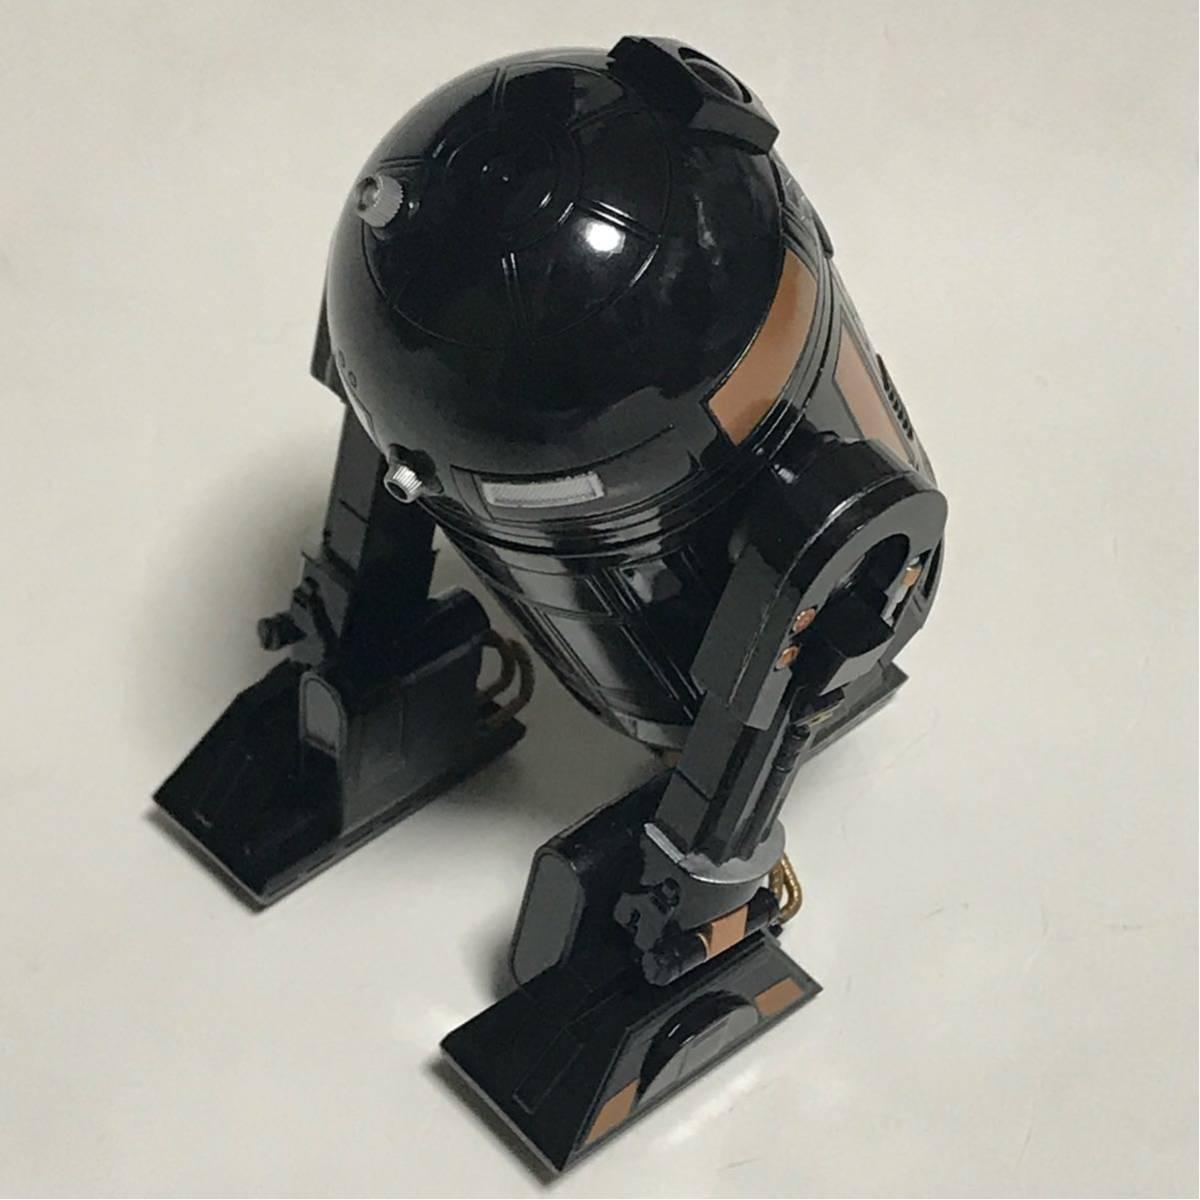 壽屋 KOTOBUKIYA コトブキヤ STARWARS スターウォーズ R2-Q5 フィギュア ARTFX メダル付き_画像2